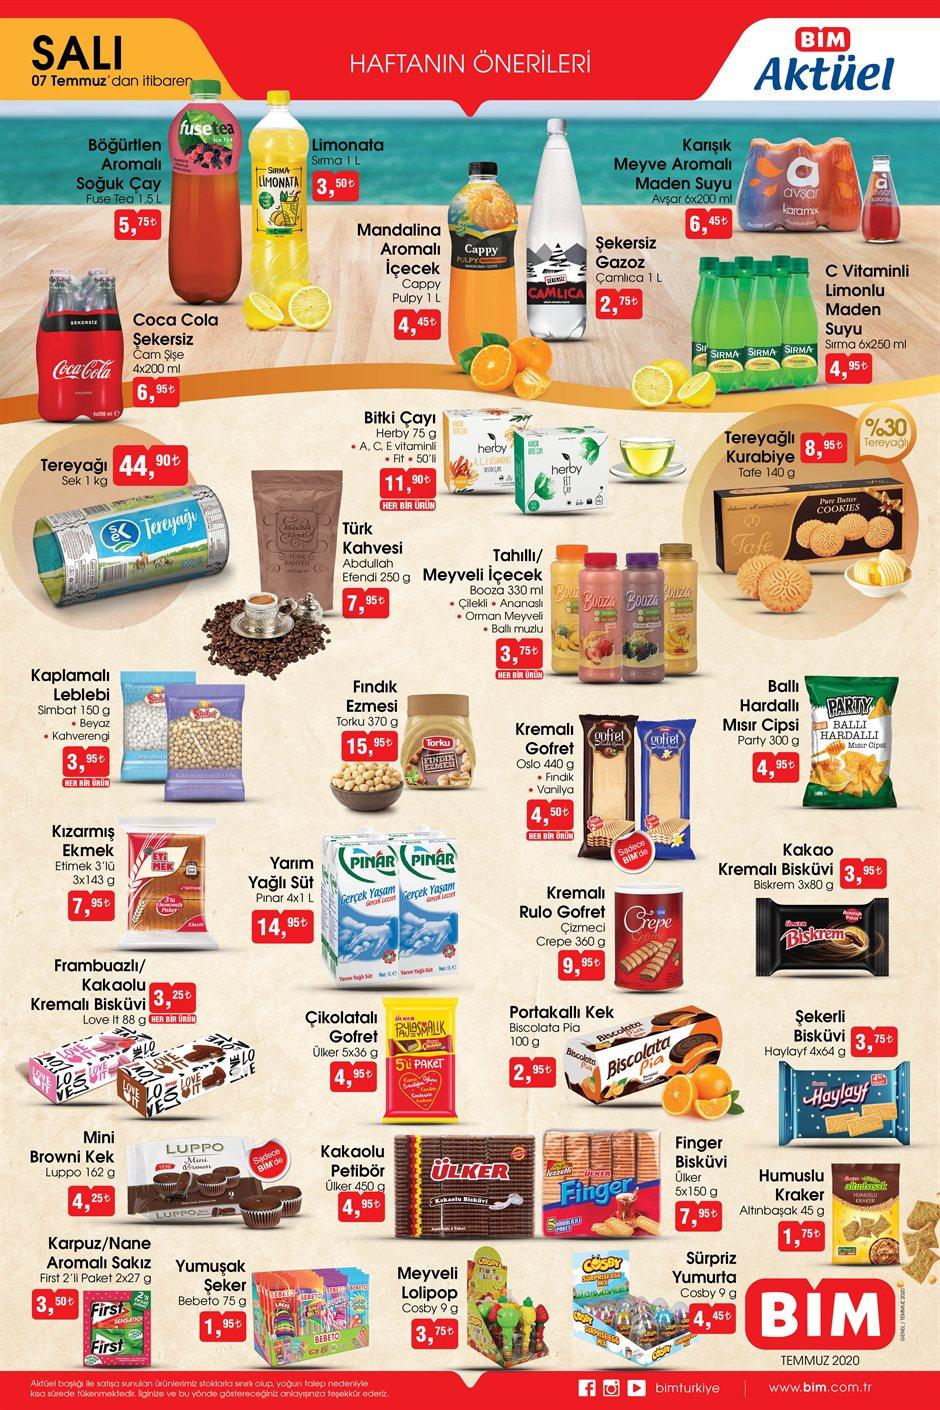 BİM Aktüel Ürünler Kataloğu Yayımlandı 7 Temmuz indirimleri